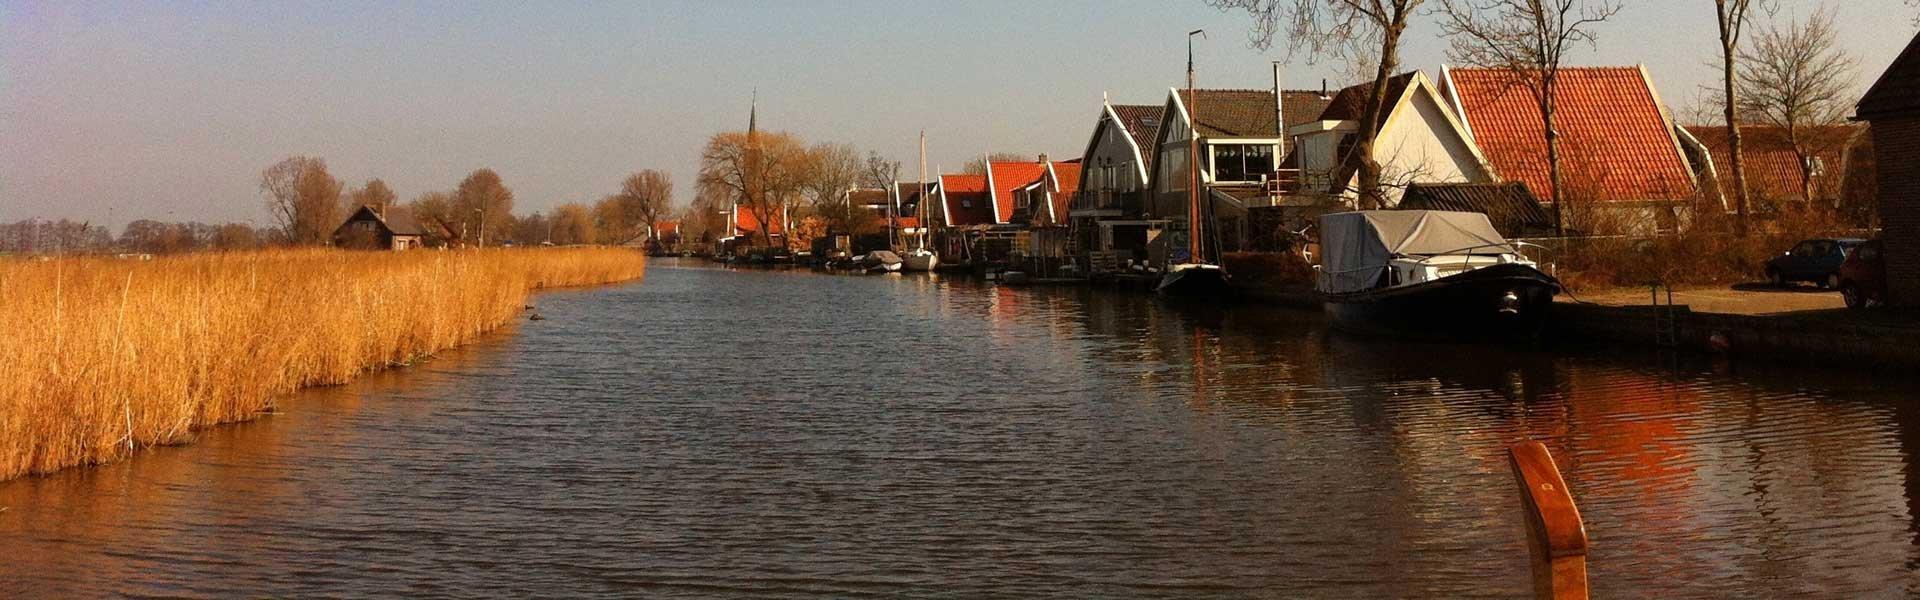 Maak een camperreis door Nederland met Victoria CamperHolidays